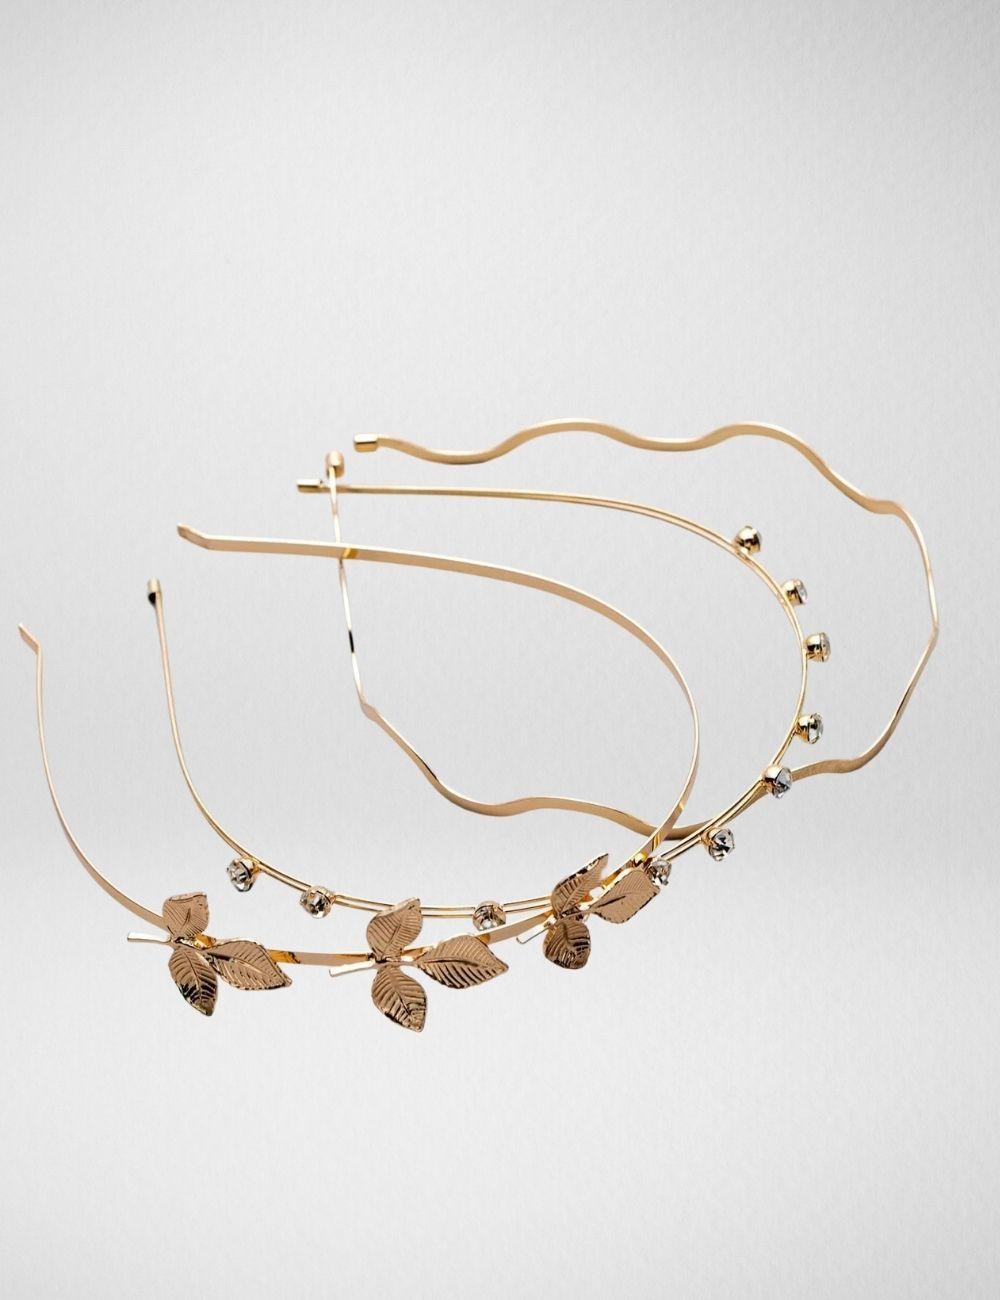 Ornate golden accessory